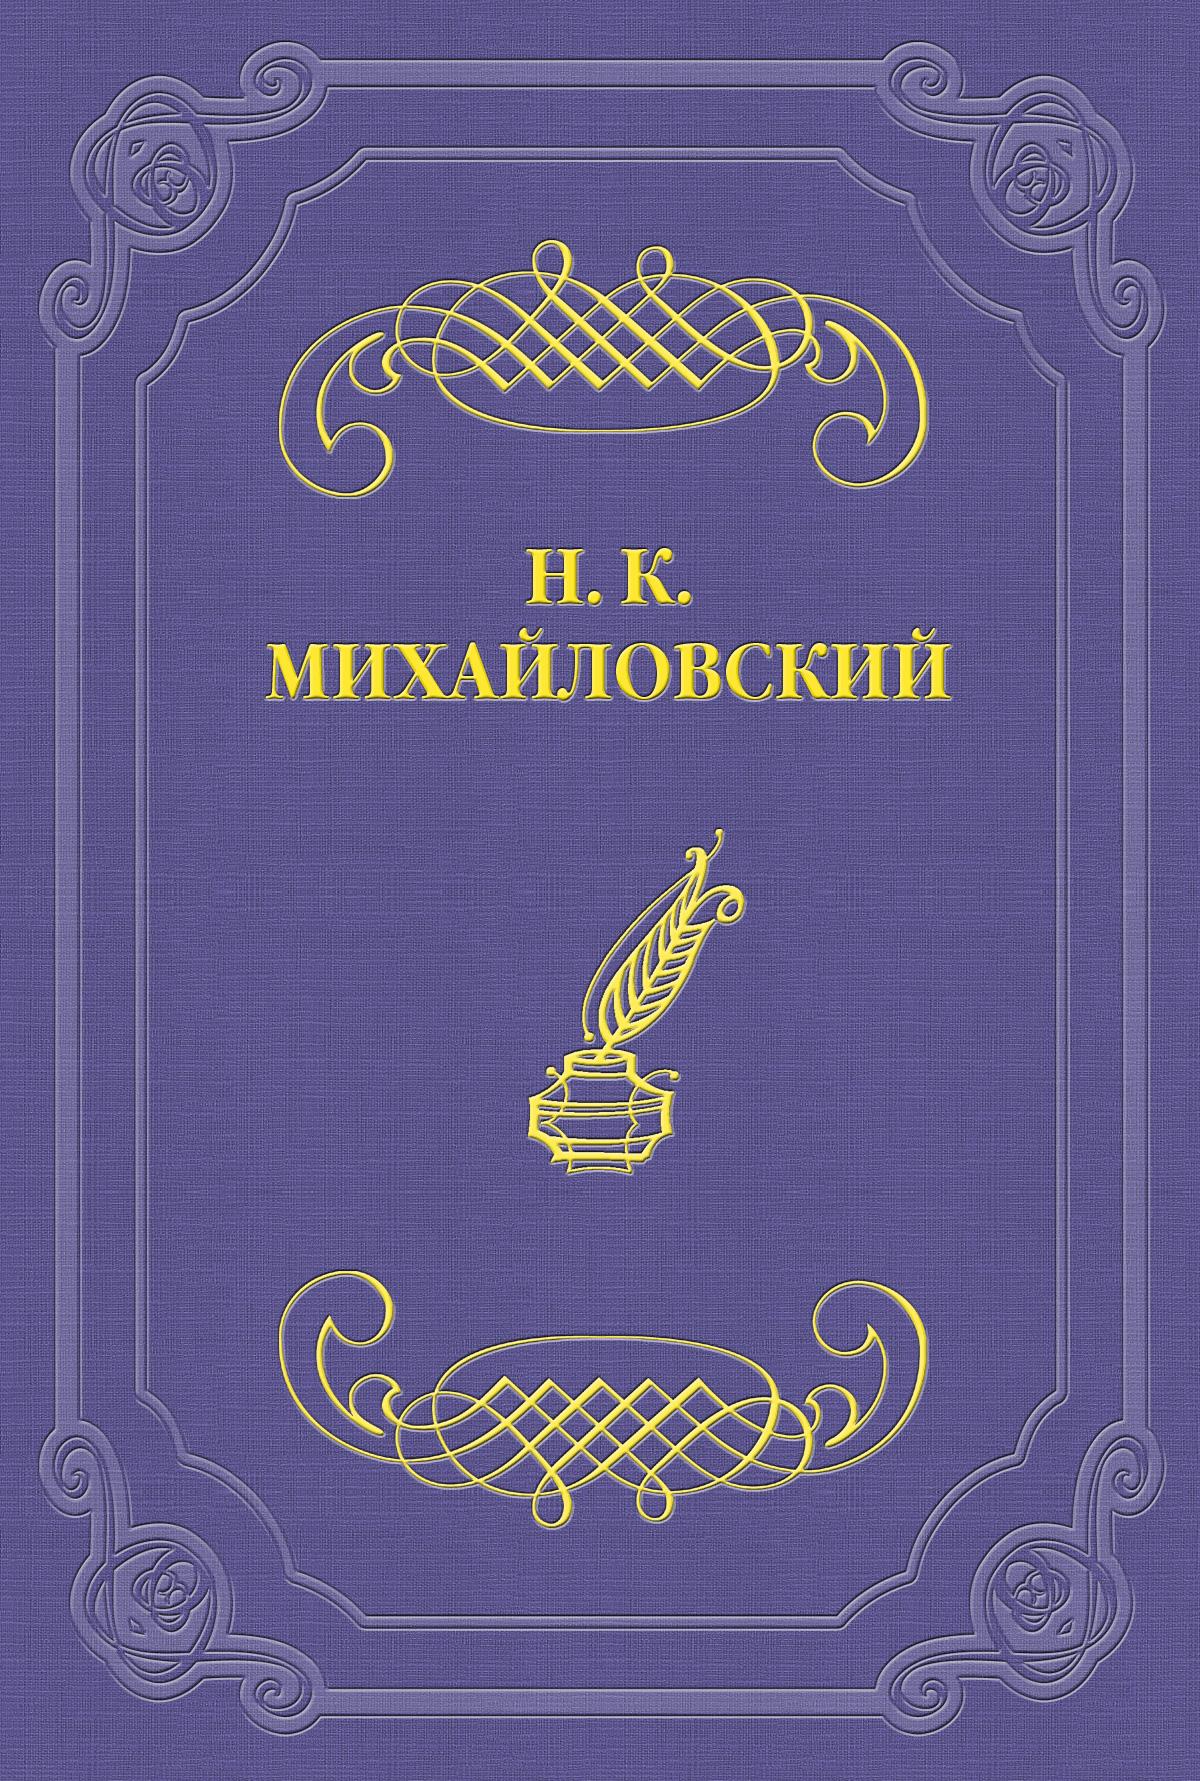 Ан. П. Чехов. В сумерках. Очерки и рассказы, СПб., 1887.